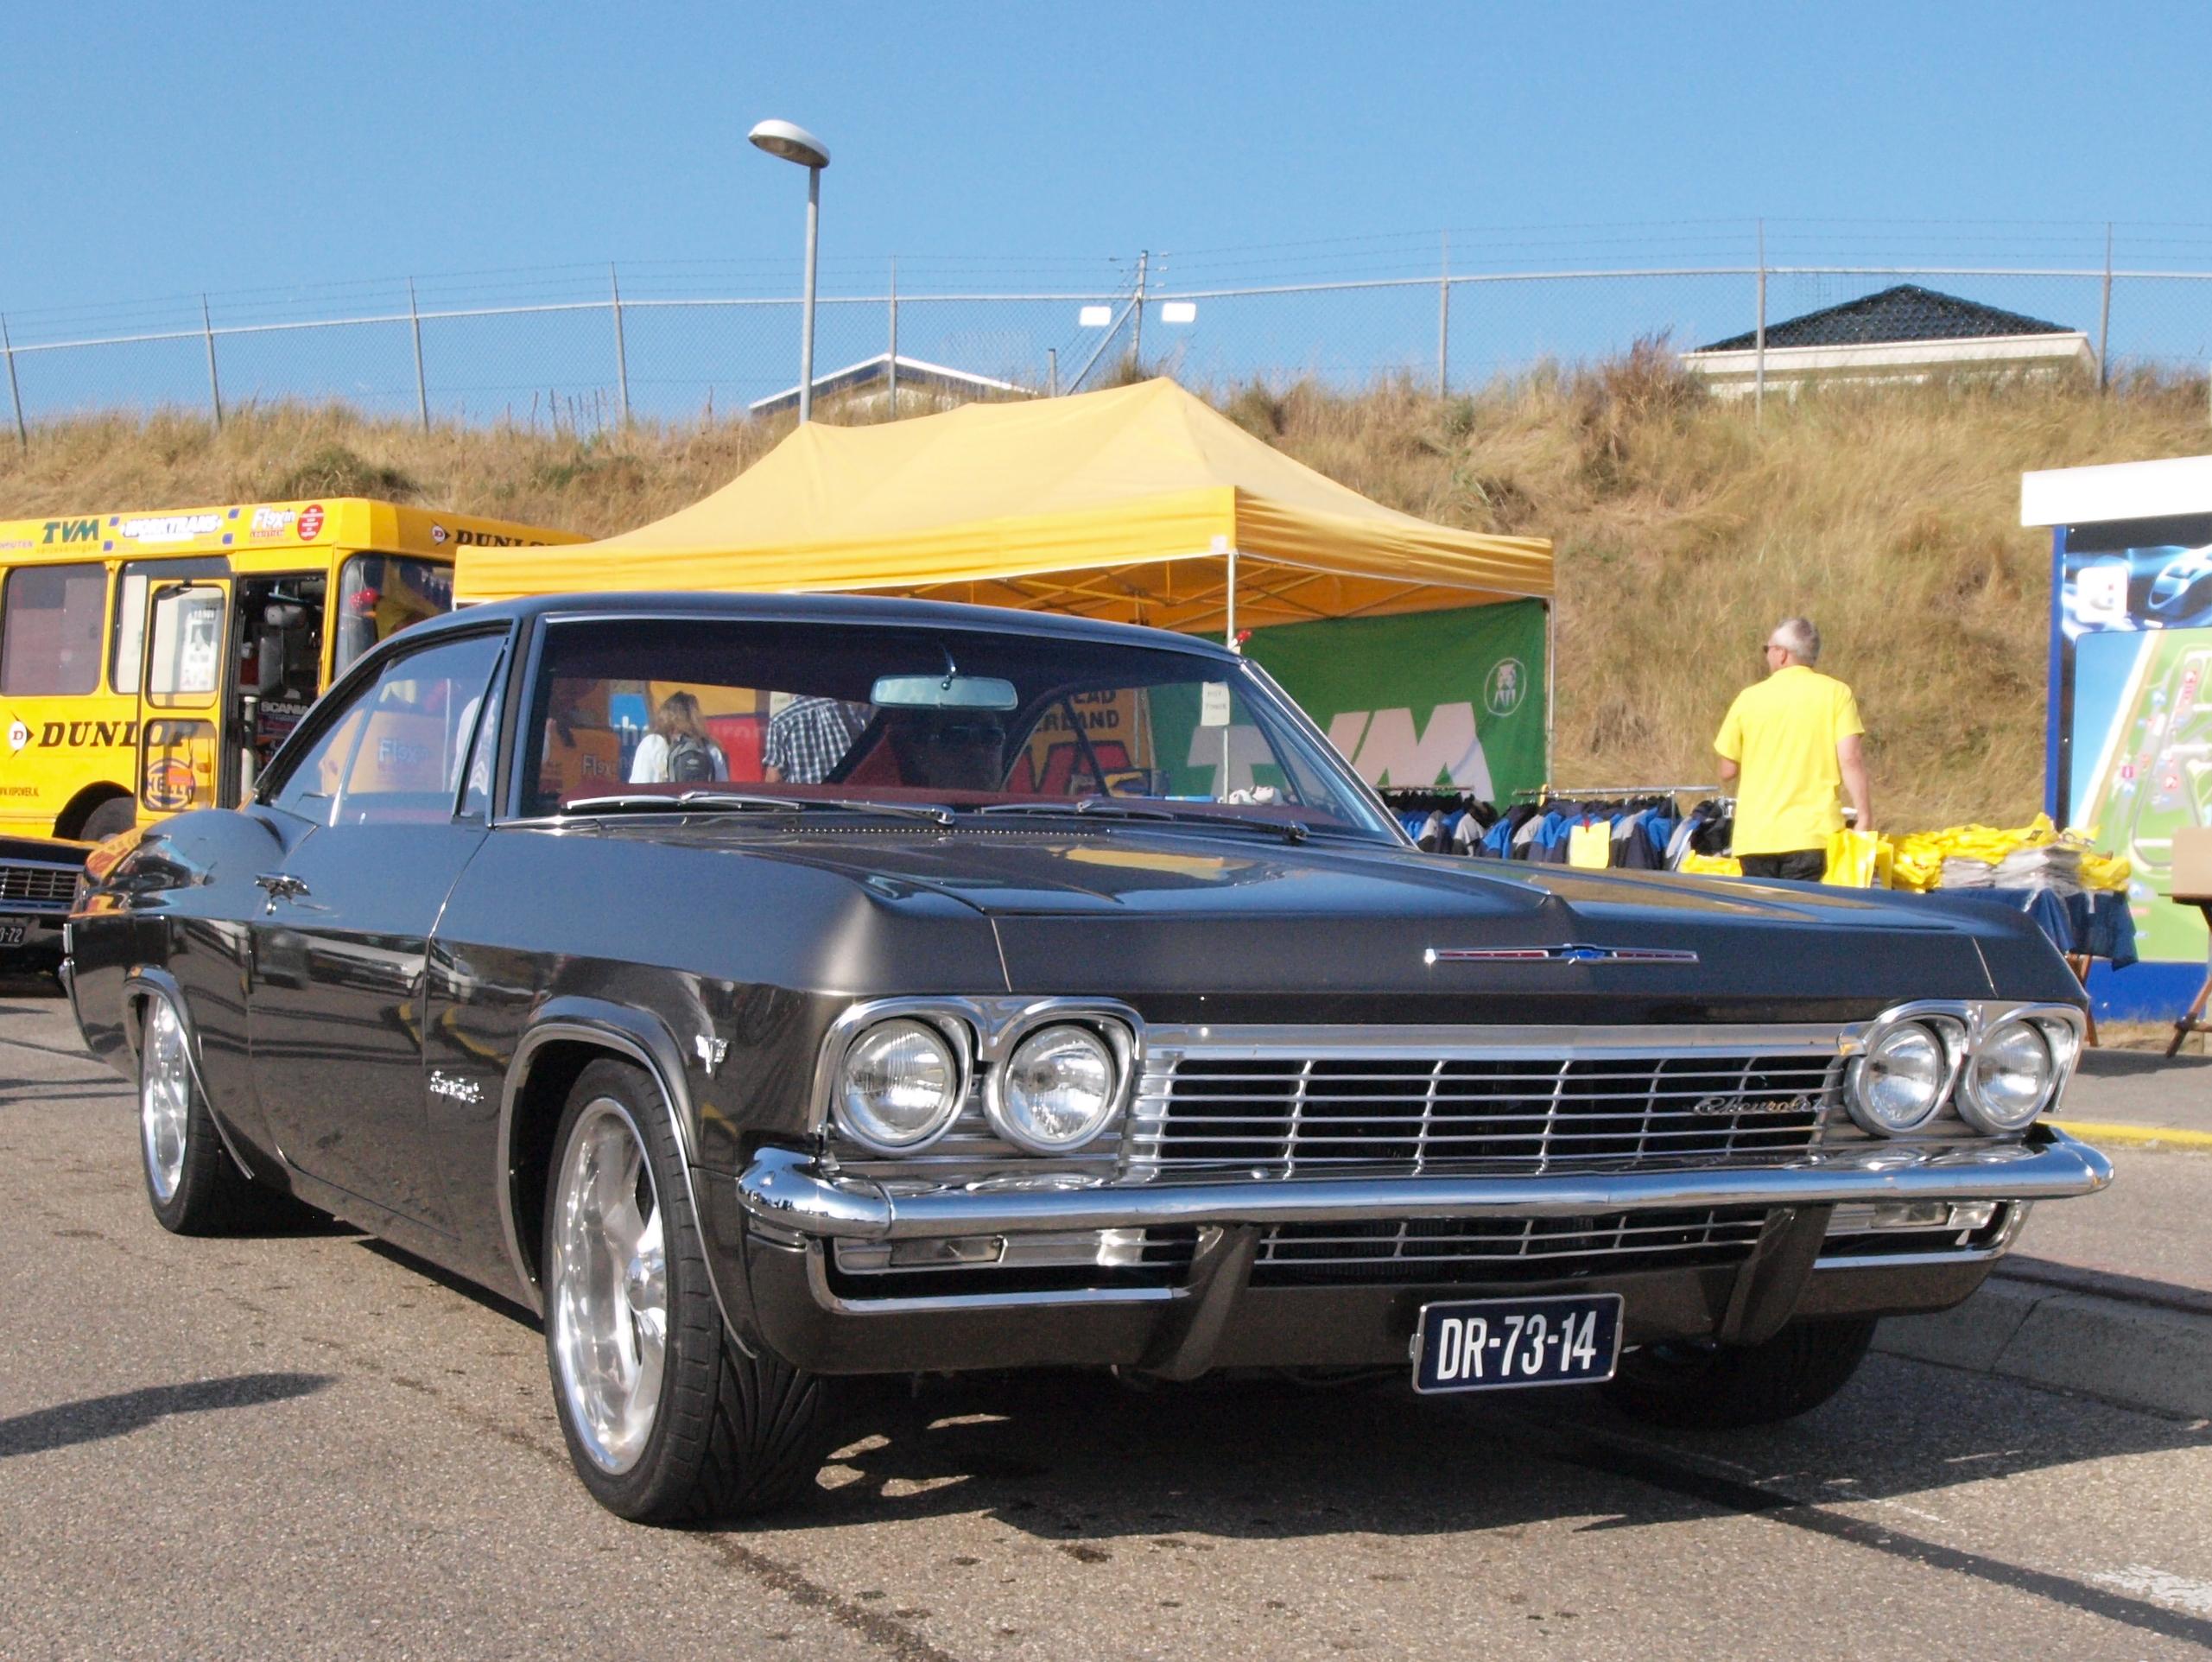 File:Chevrolet Impala Super Sport dutch licence registration DR-73